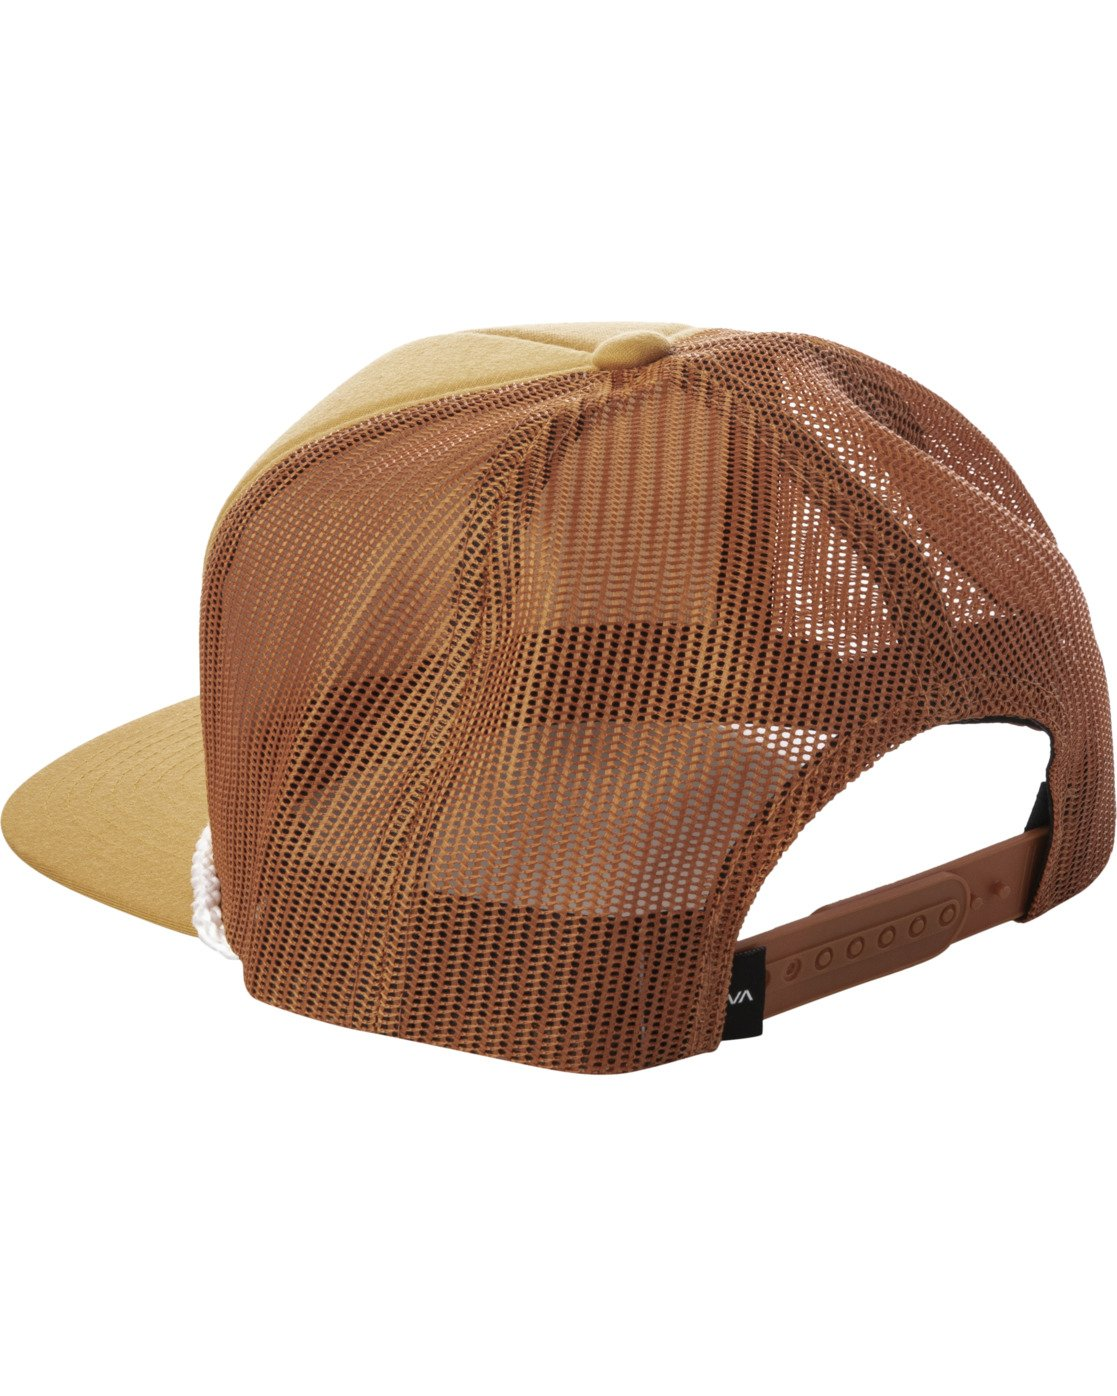 2 STAPLE FOAMY TRUCKER HAT Multicolor AVYHA00153 RVCA